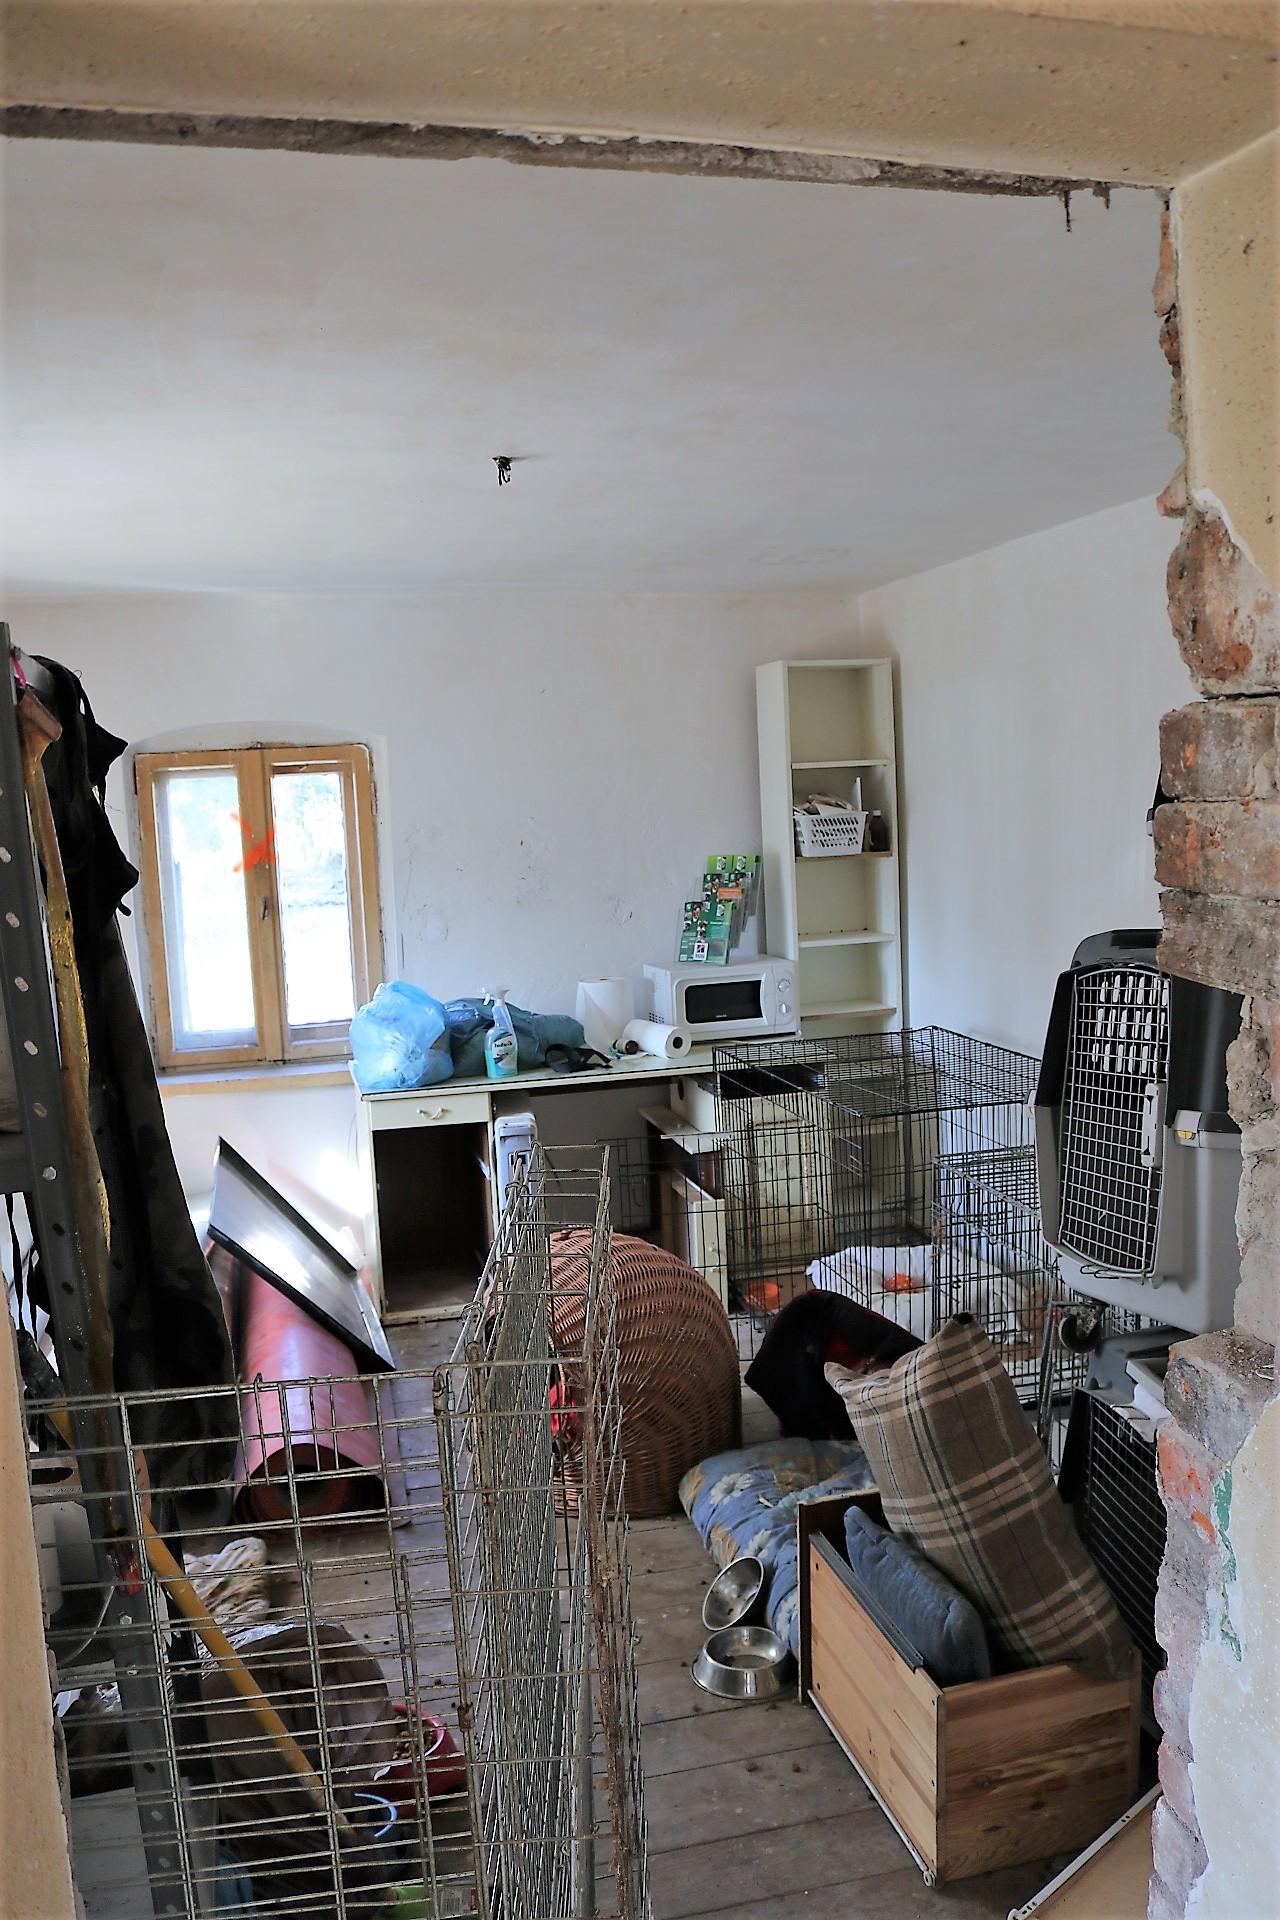 ekostraż, zrzutka, jak pomóc zwierzętom, stowarzyszenie na rzecz pomocy zwierzętom, blog o dzikich zwierzętach, animalistka.pl